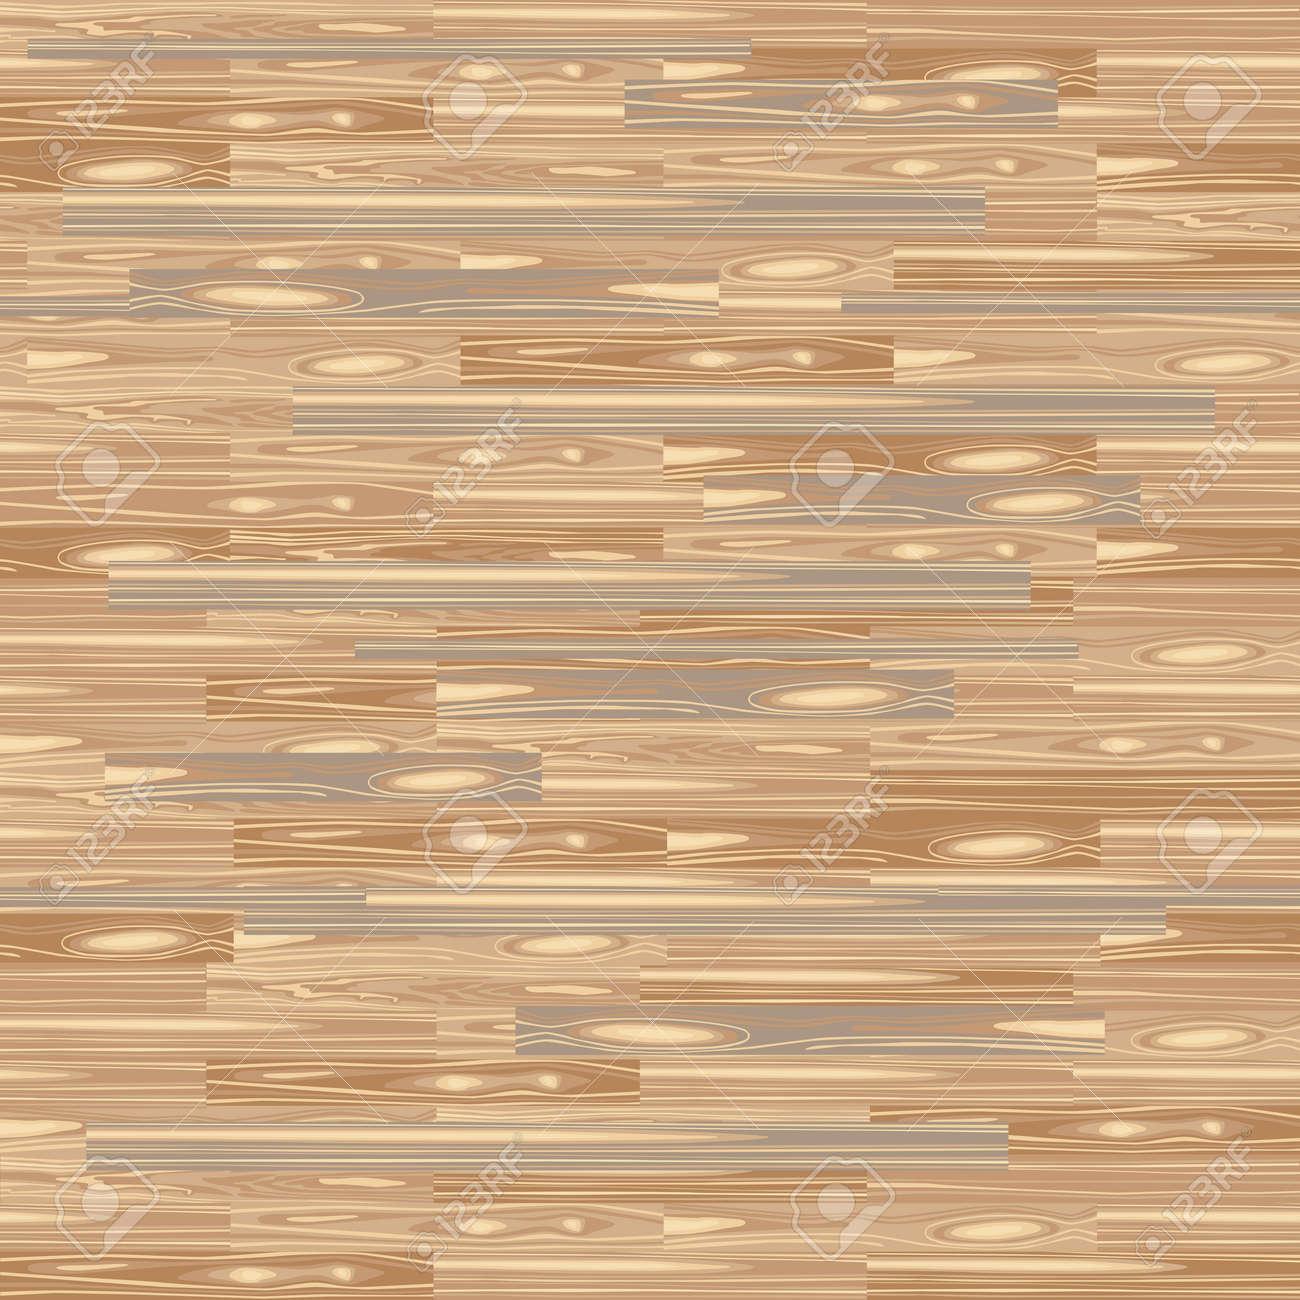 seamless parquet flooring parquetry texture floor background